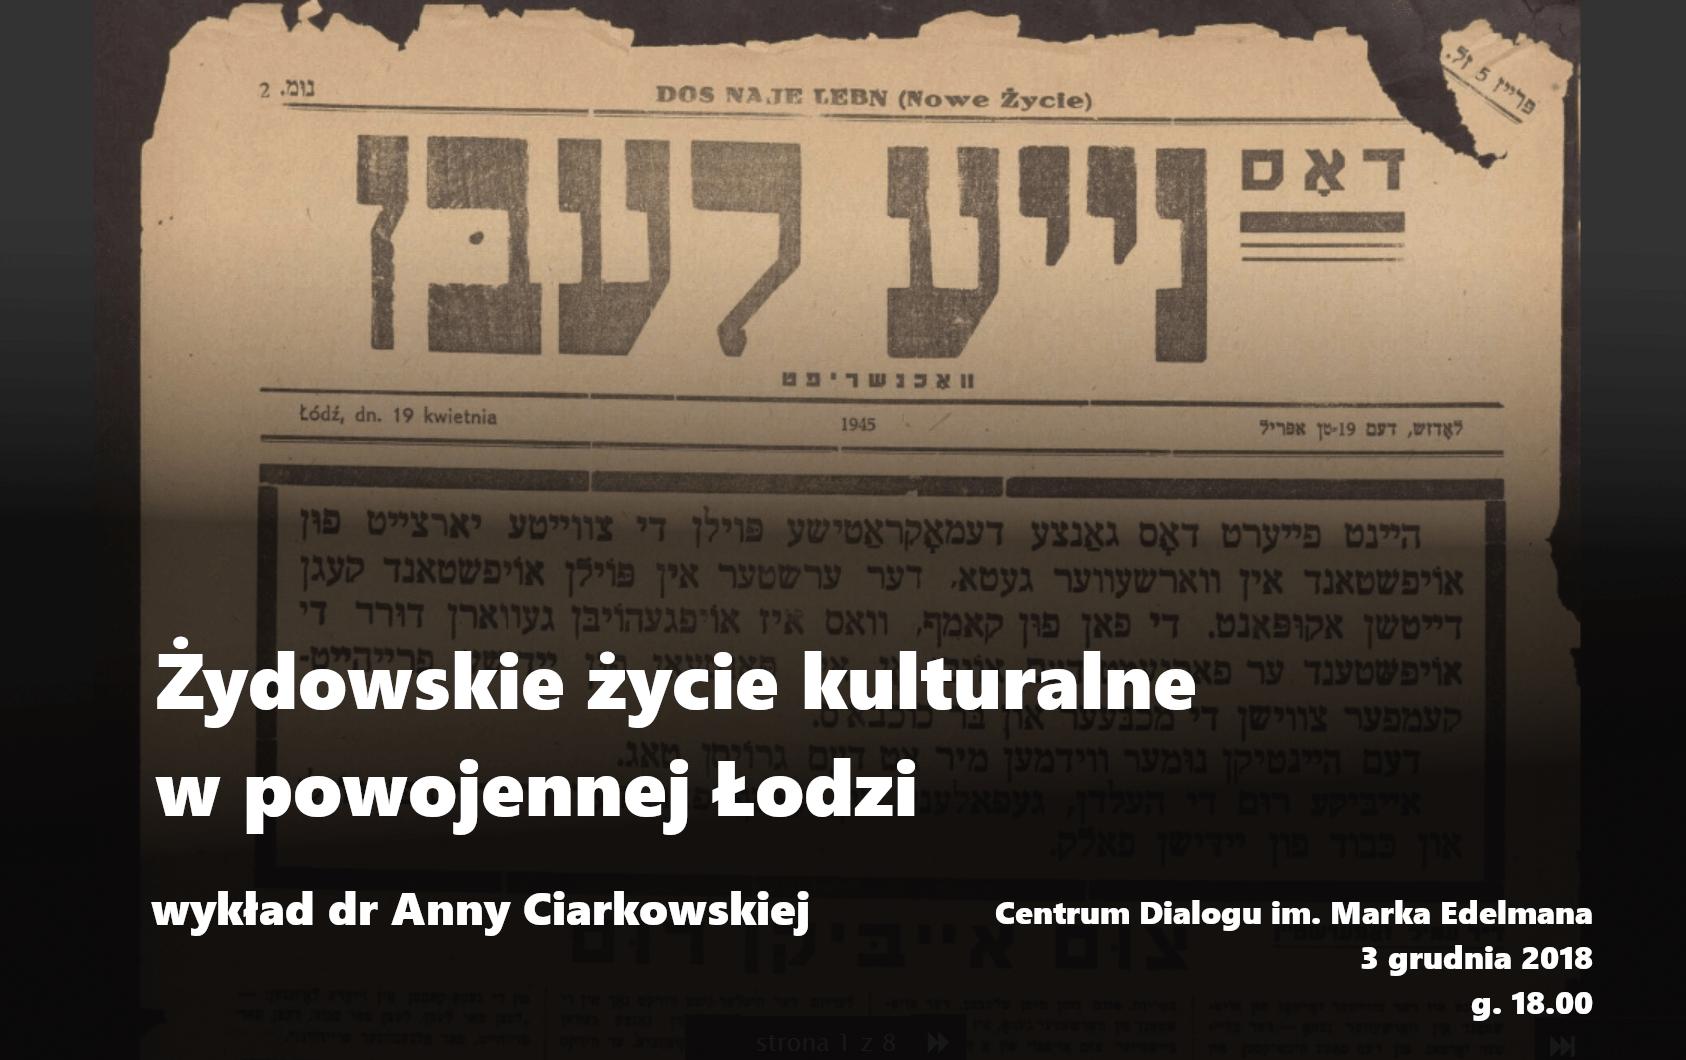 Żydowskie życie kulturalne w powojennej Łodzi (źródło: materiały prasowe organizatora)